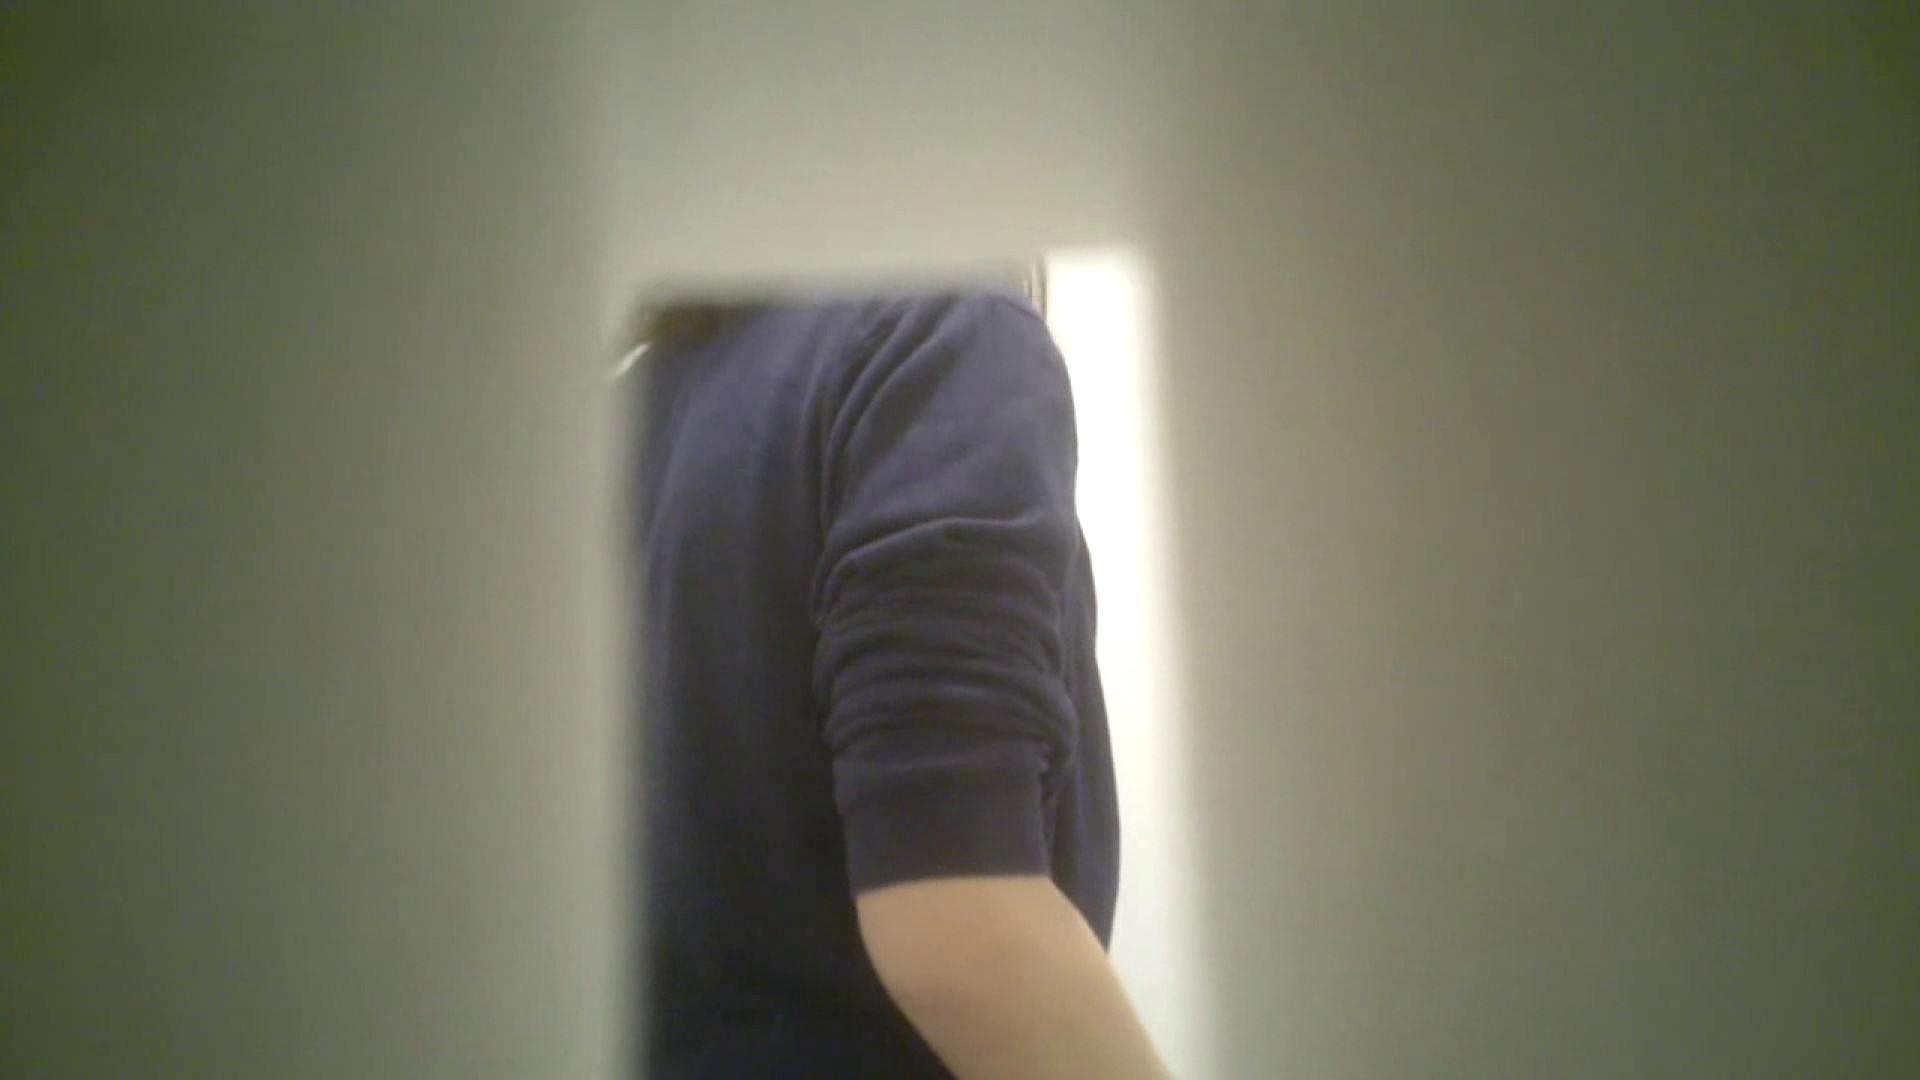 有名大学女性洗面所 vol.45 冴え渡る多方向撮影!職人技です。 OL  86連発 45